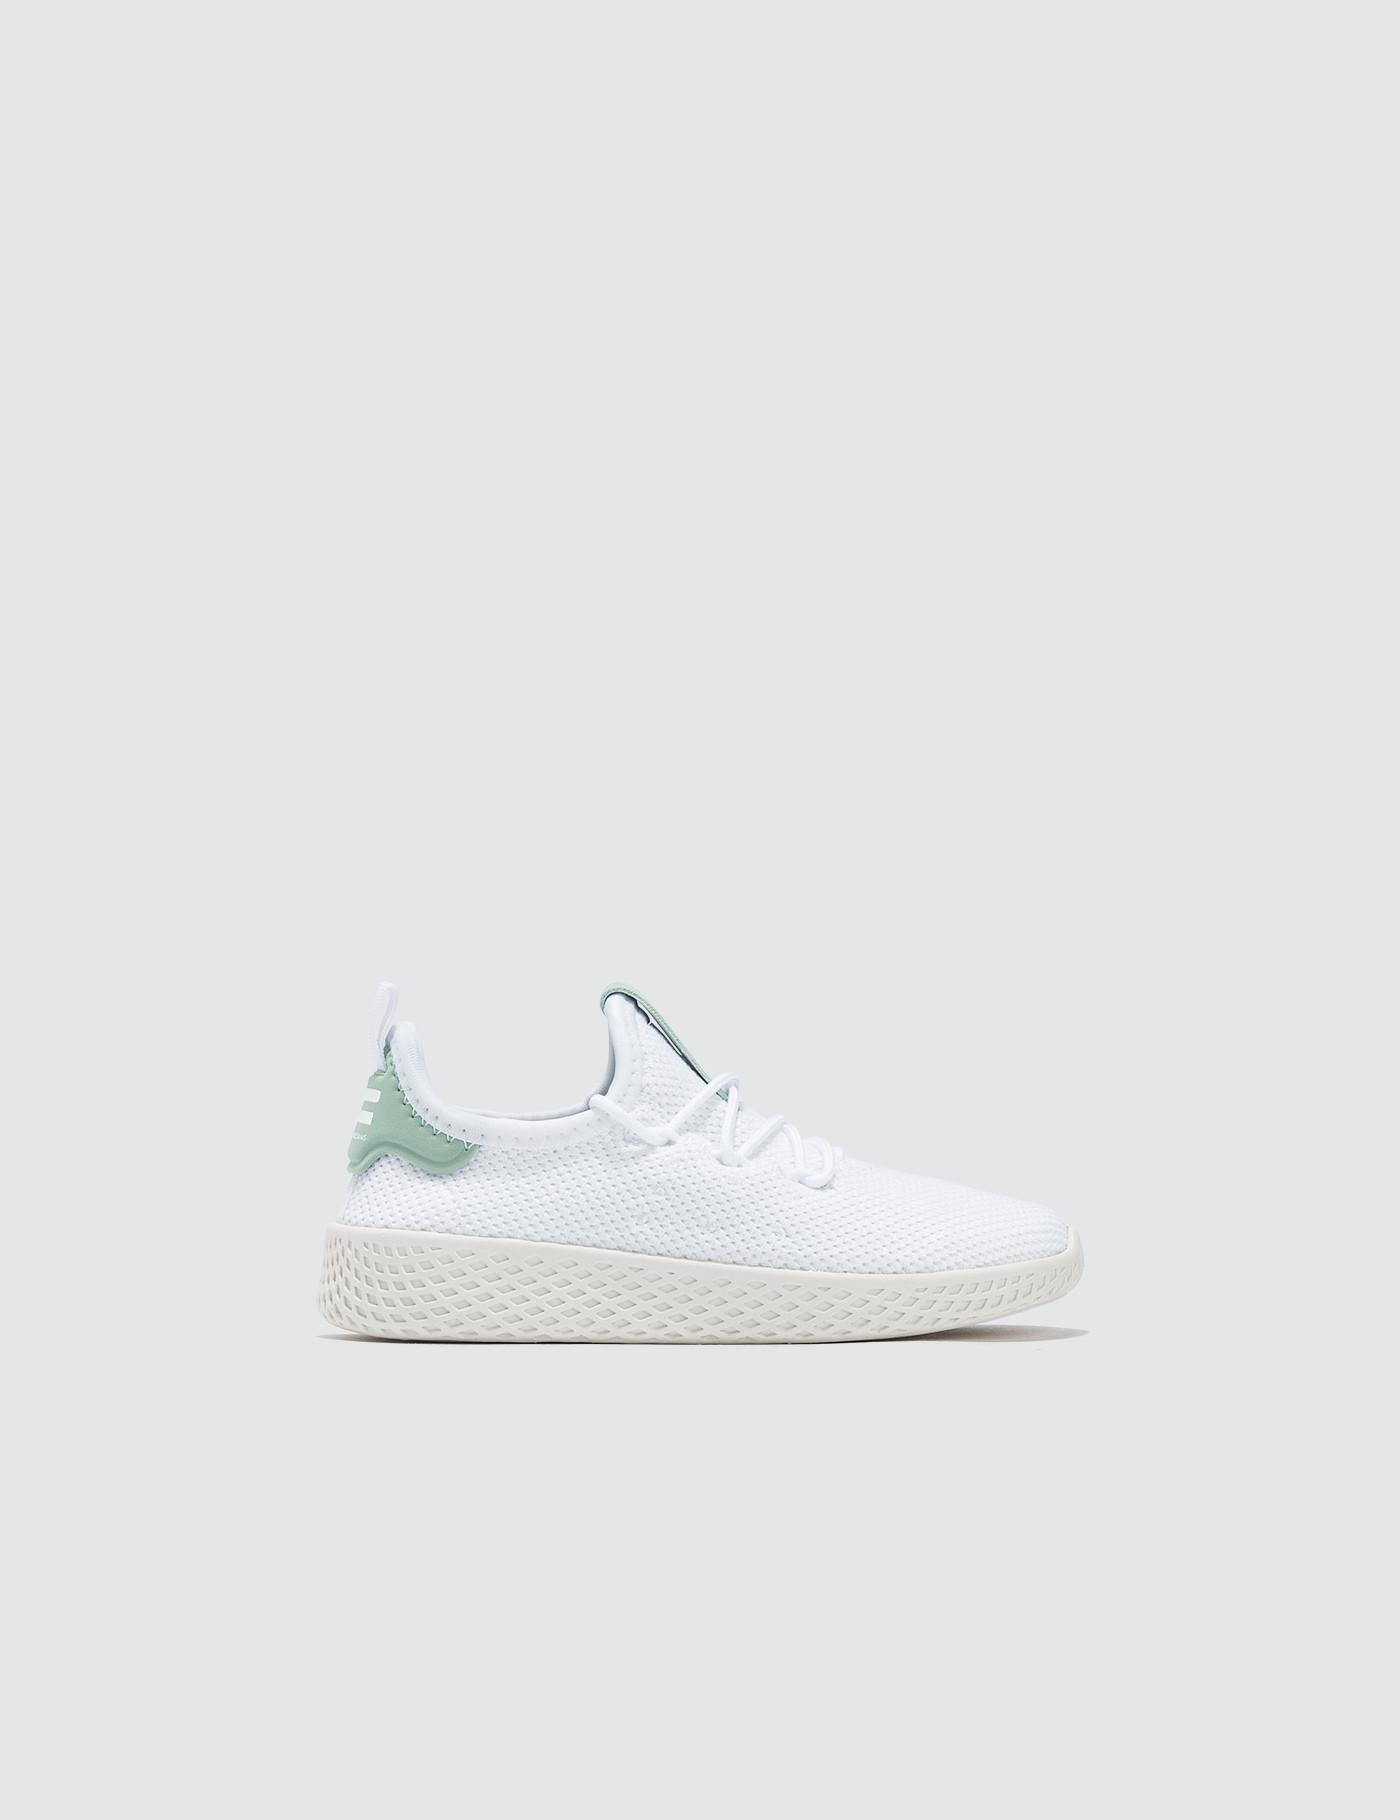 Lyst X Adidas Originals Pharrell Williams X Lyst Adidas Pw Tennis Hu 45af64